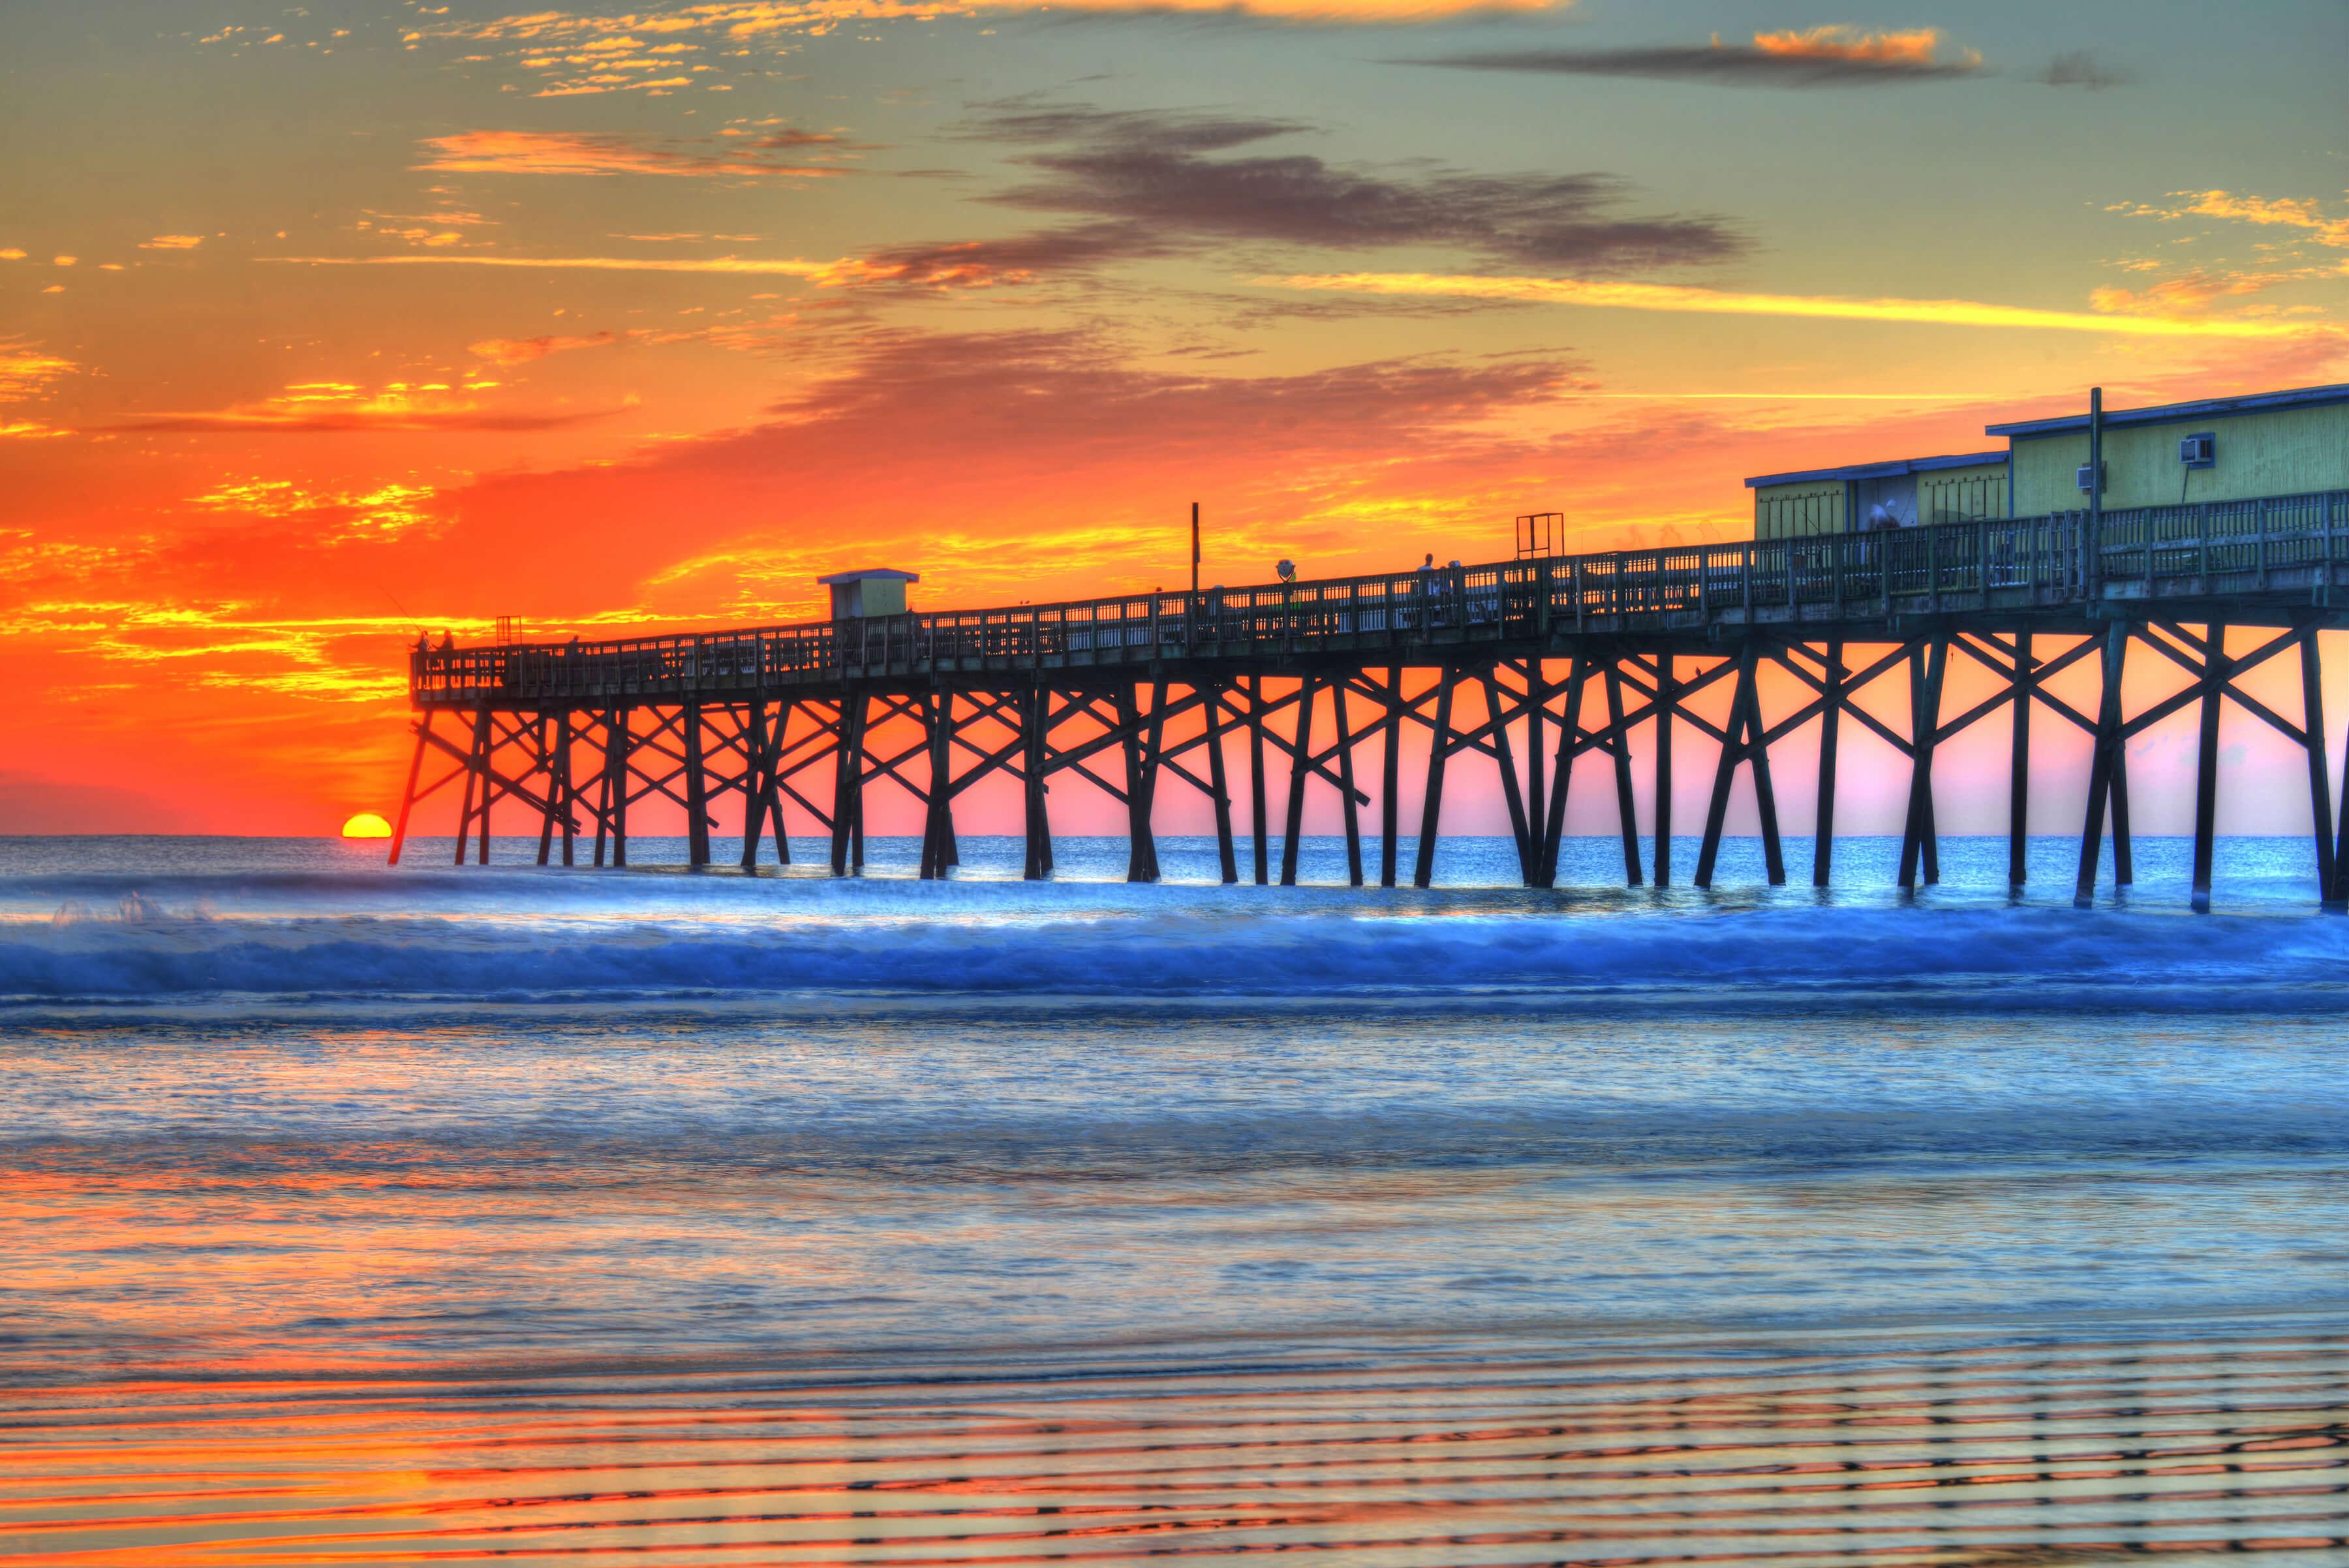 Pontos turísticos em Daytona Beach: Píer